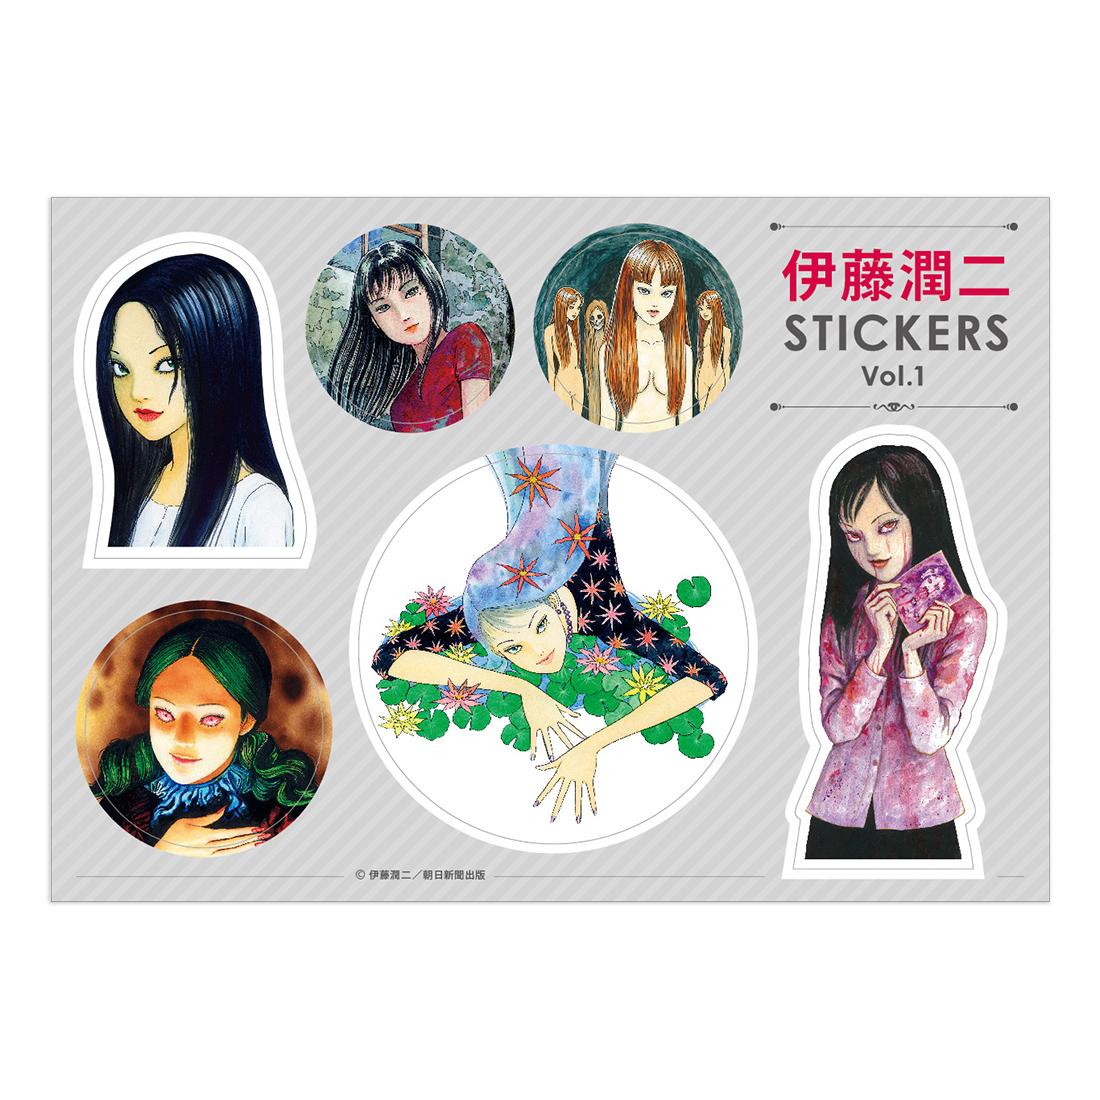 伊藤潤二 ステッカー 1 妖艶な女たち, ITO Junji Sticker 1